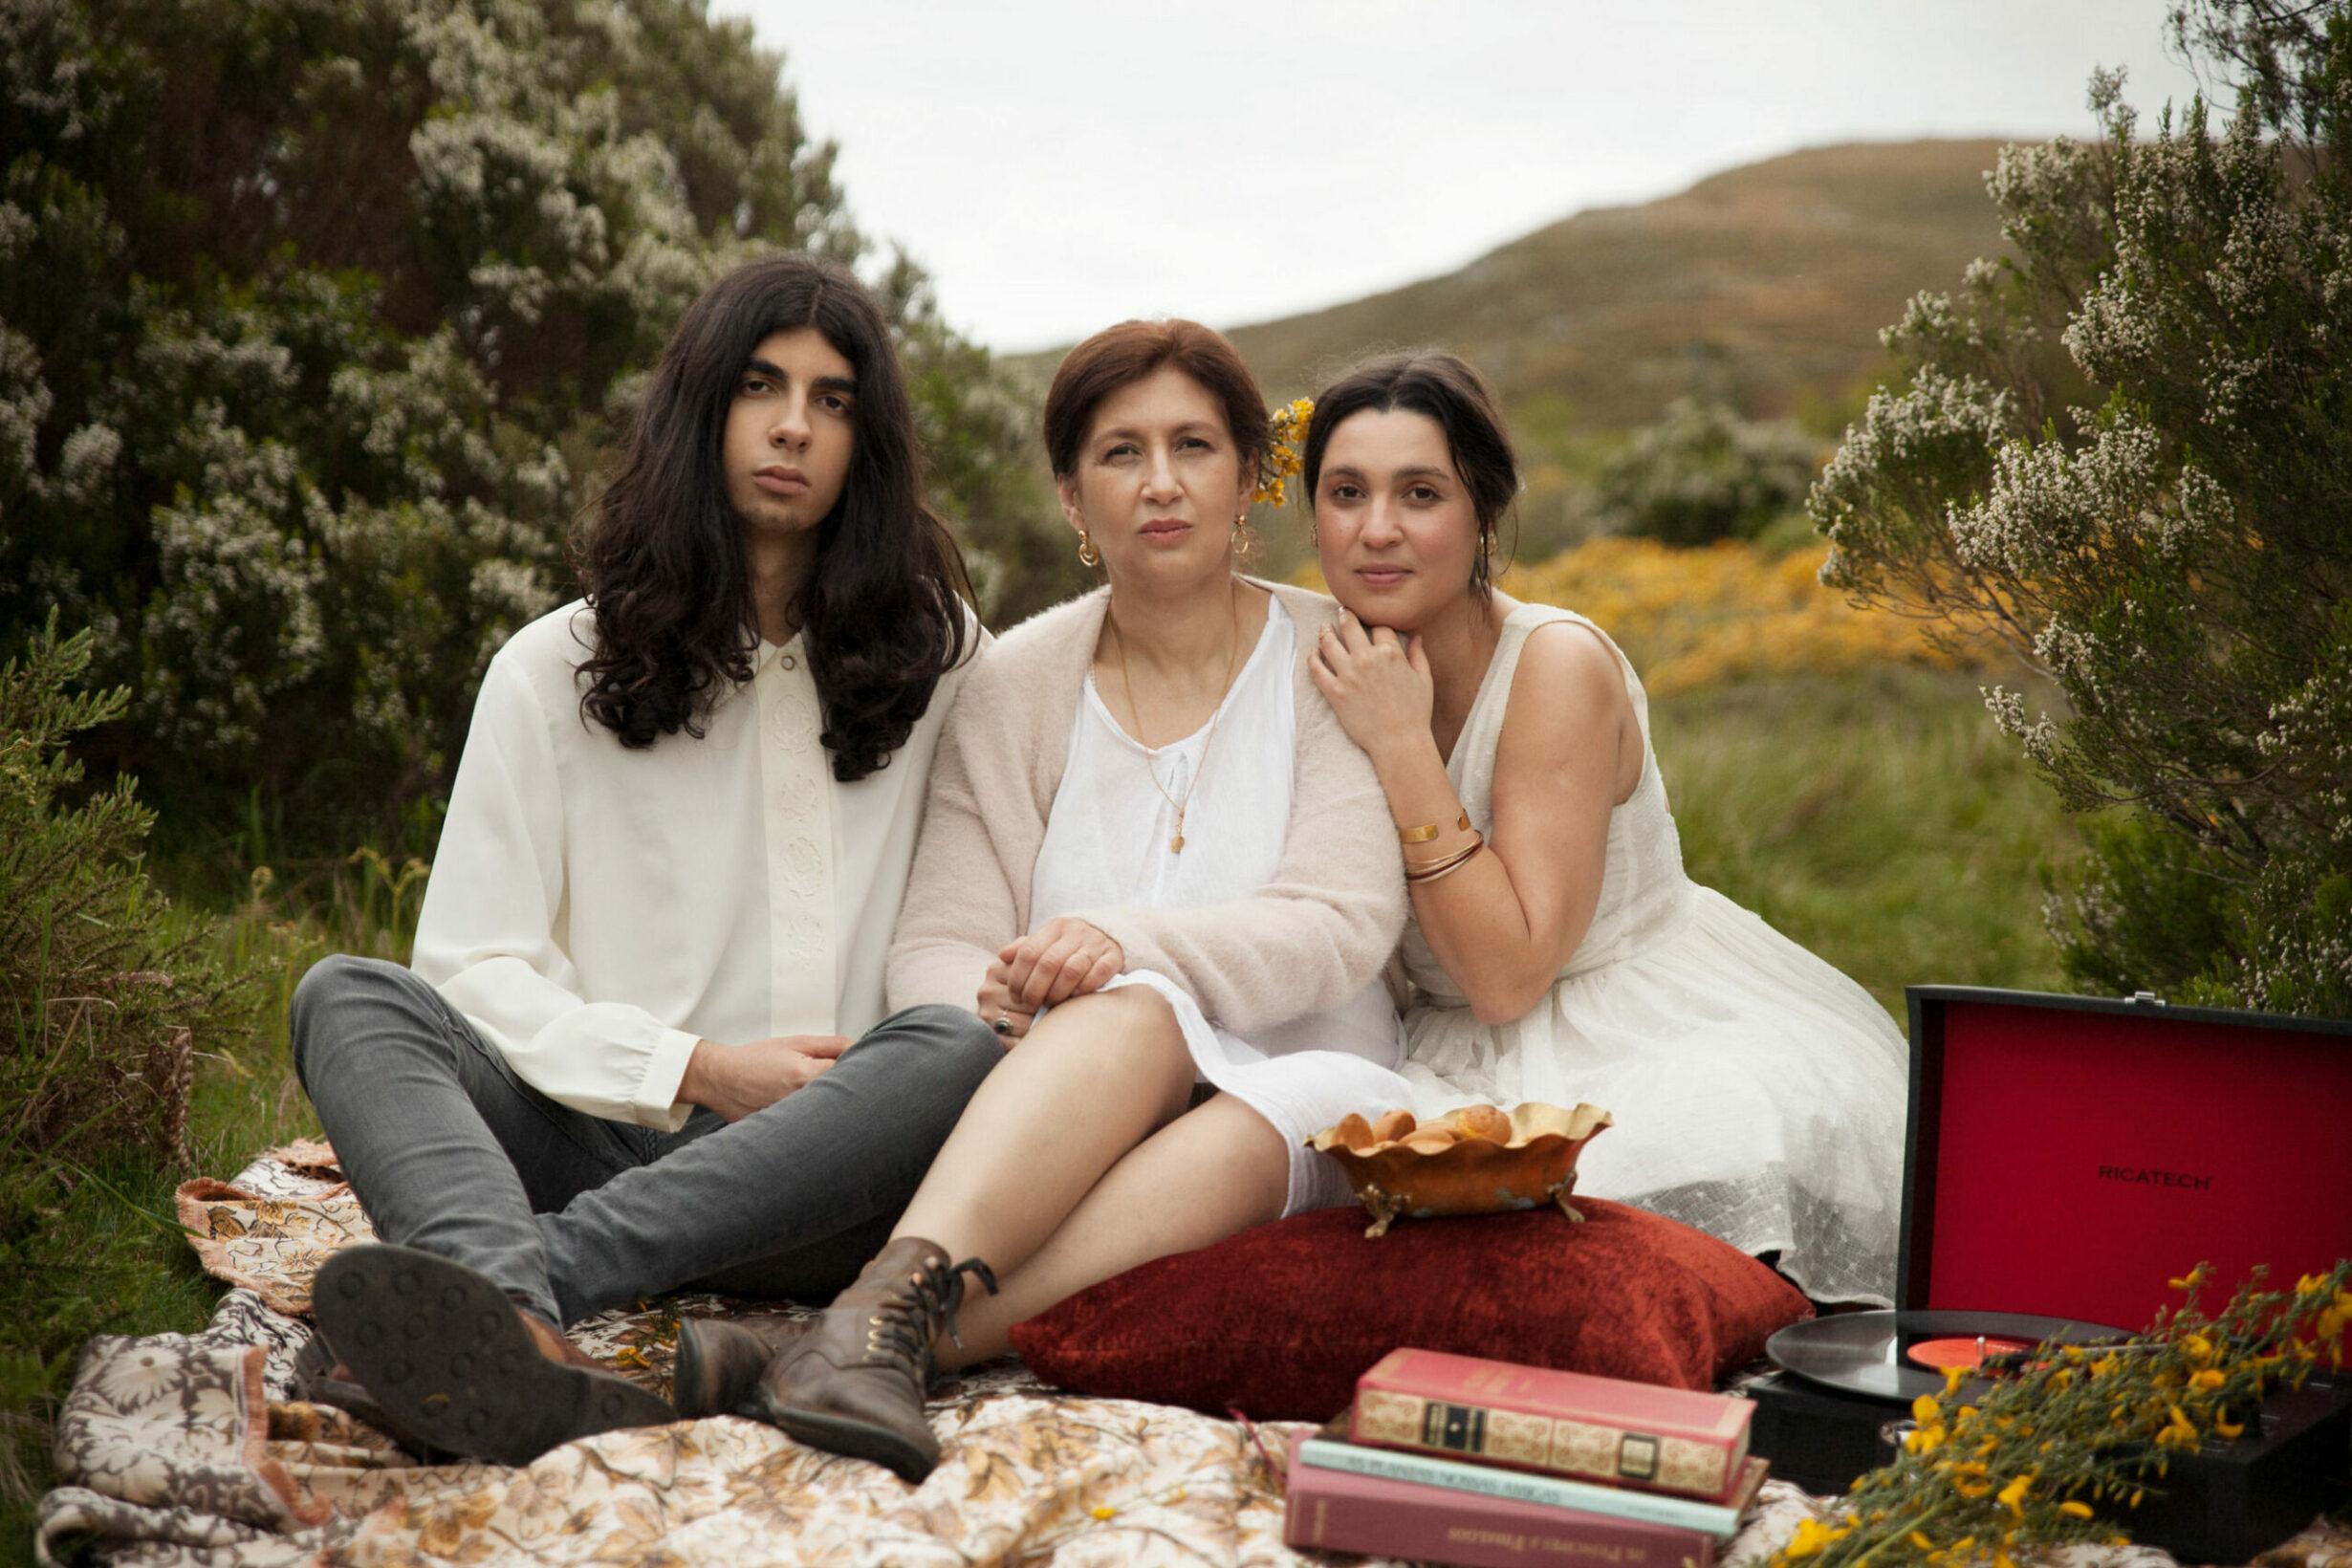 fotografia retrato de família